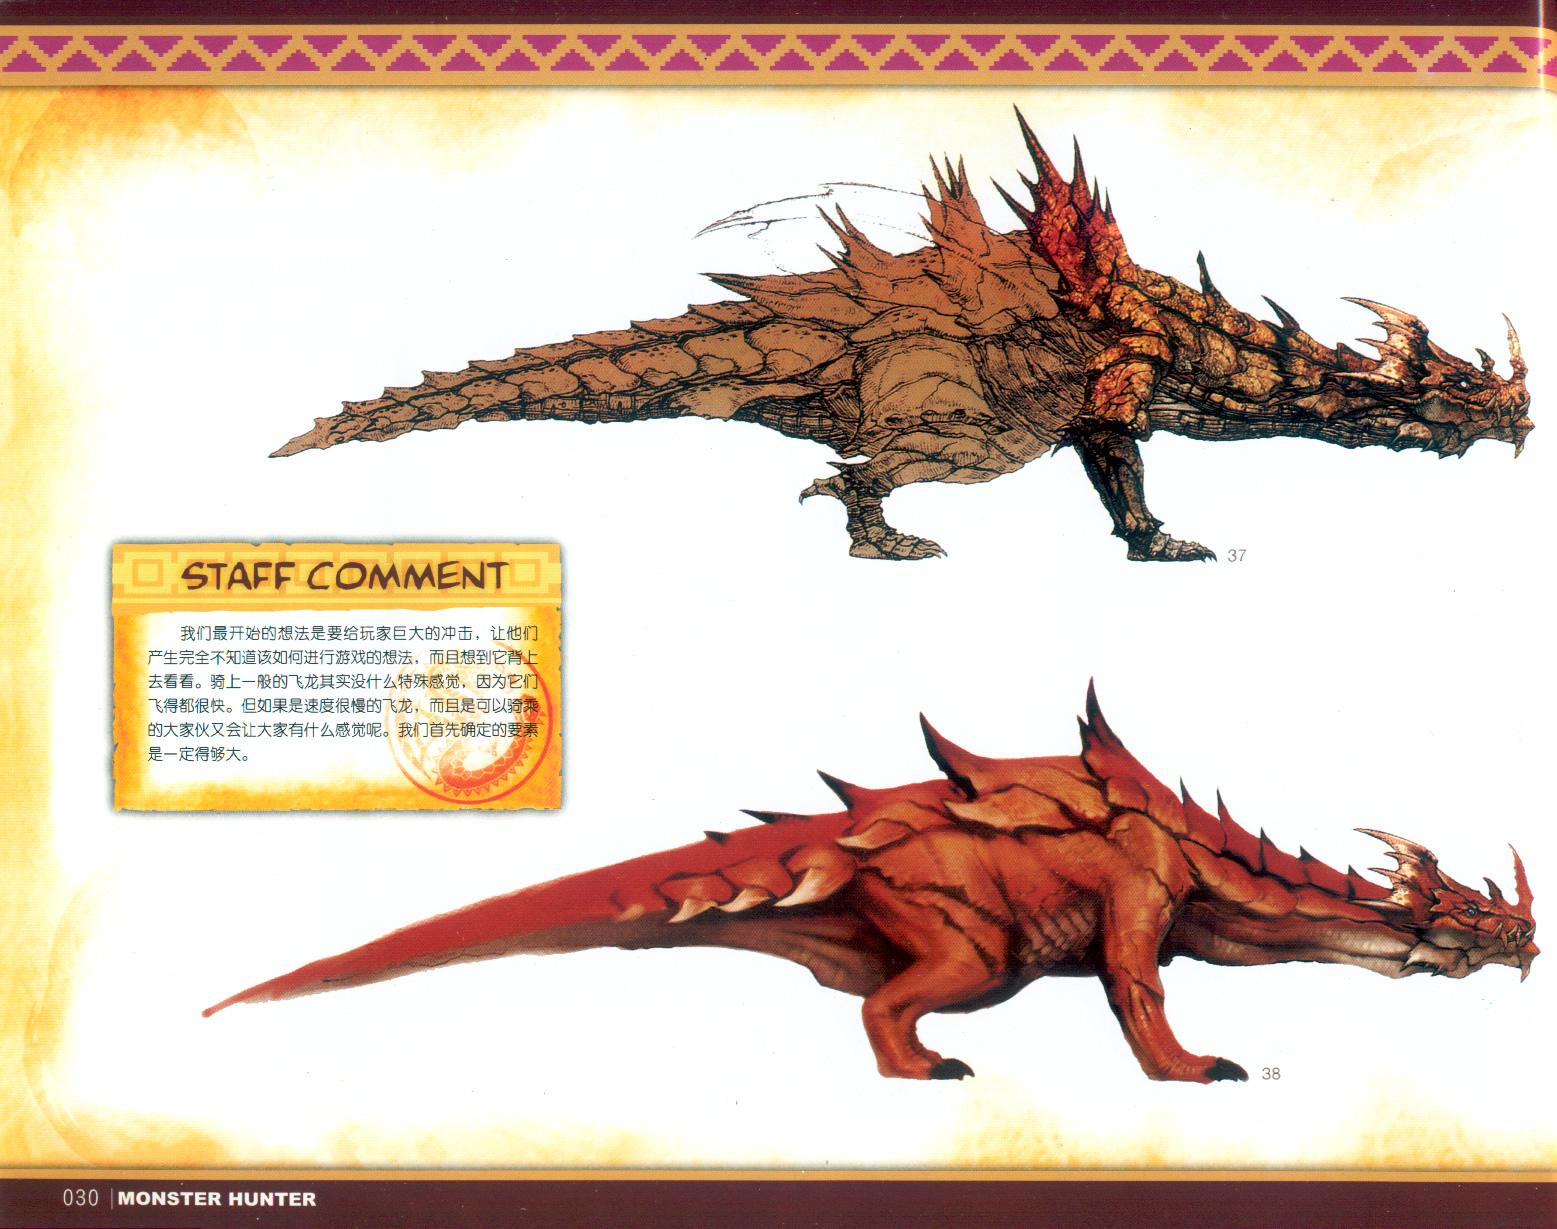 030_关注-游艺网GAME798海量资源下载怪物猎人终极画集.jpg